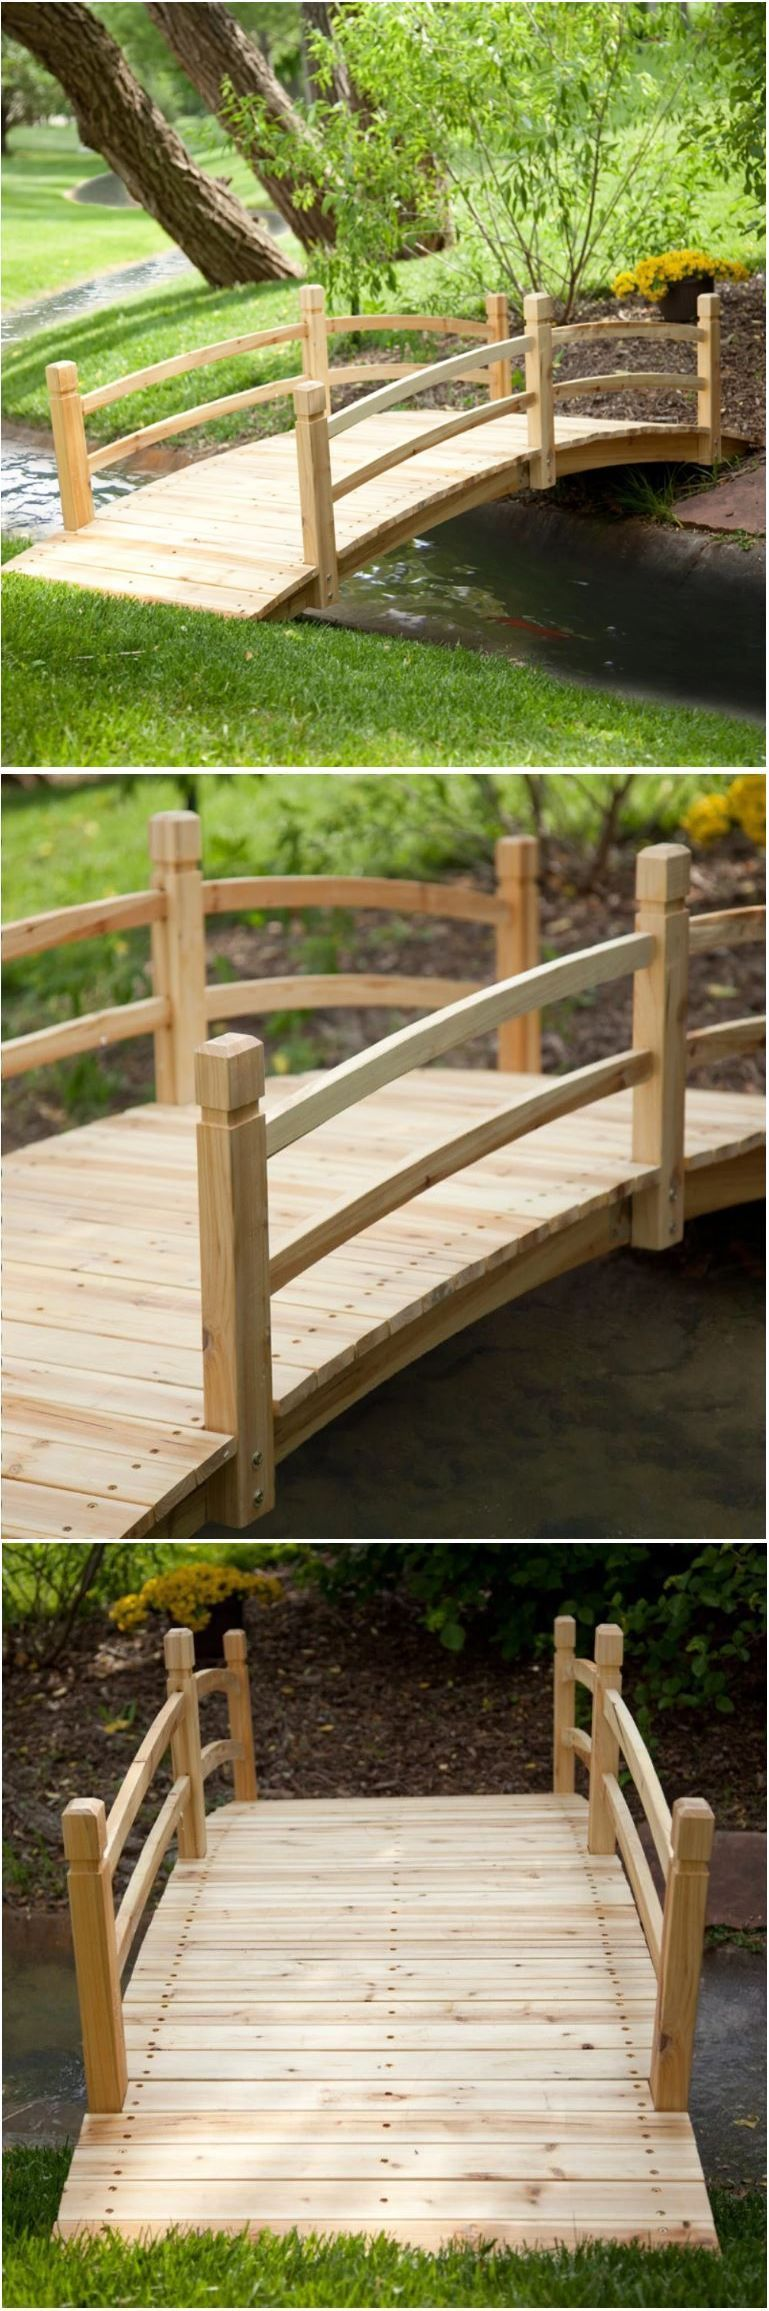 Garden bridge wooden ft fir outdoor yard decoration free standing